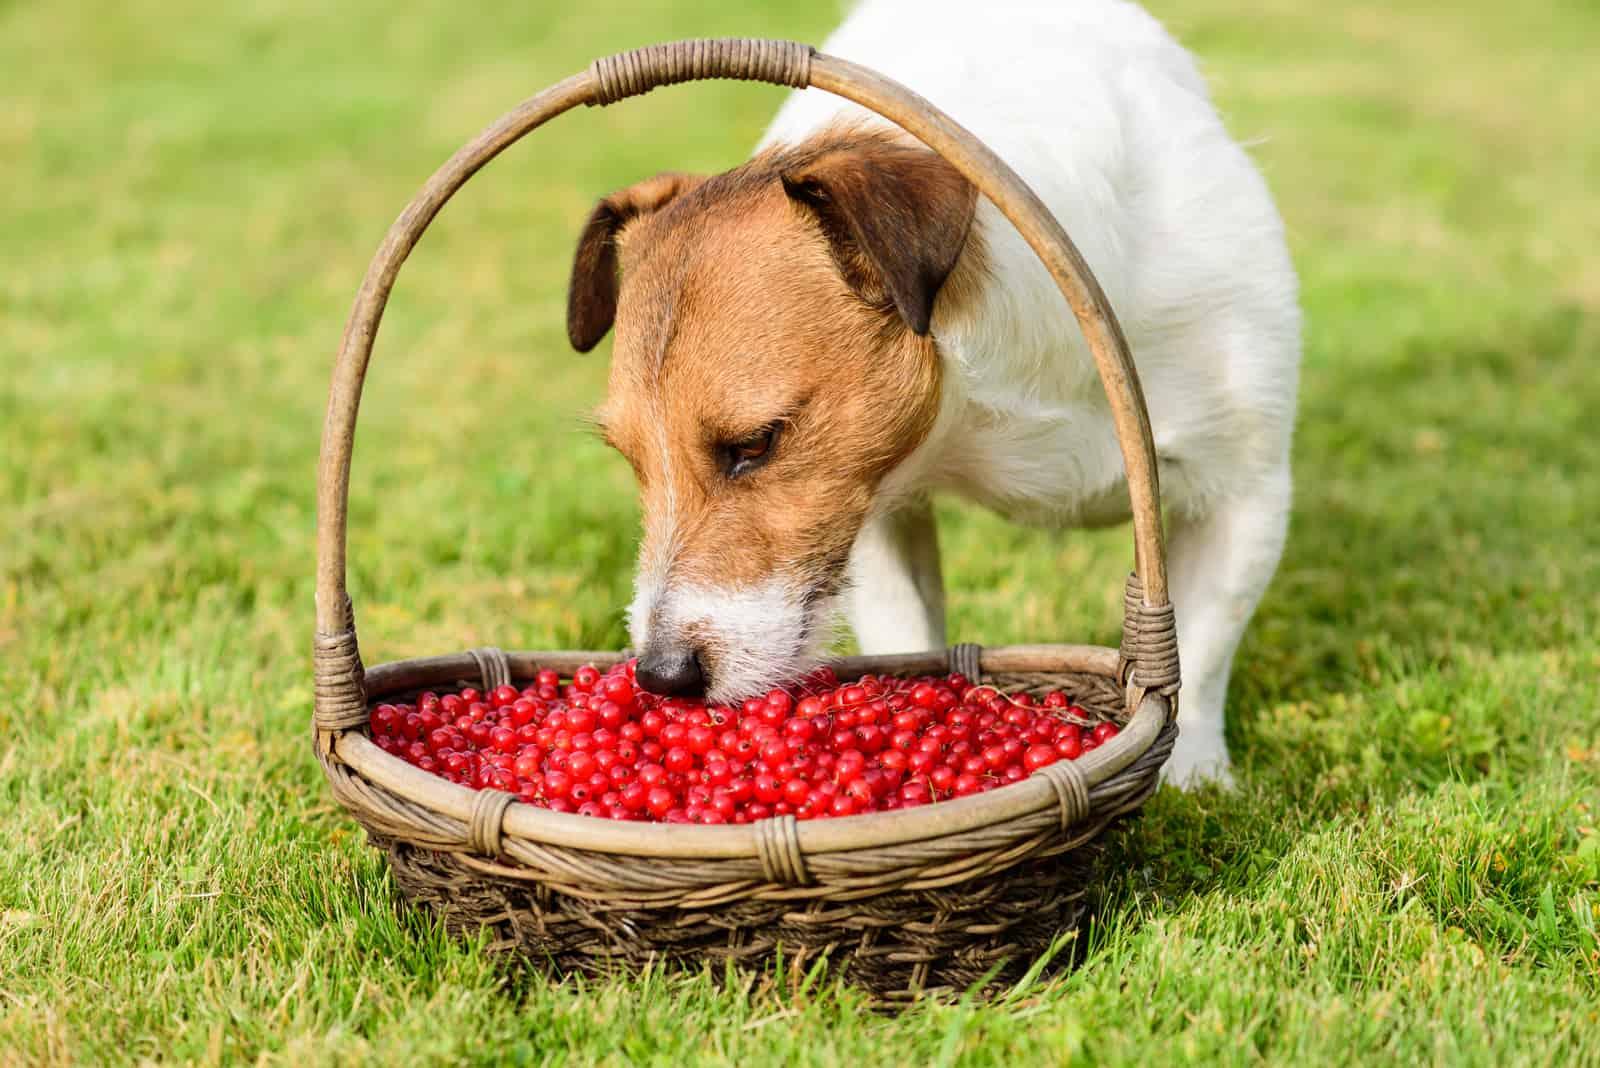 Hund, der frische Johannisbeeren vom Korb auf grünem Gras isst